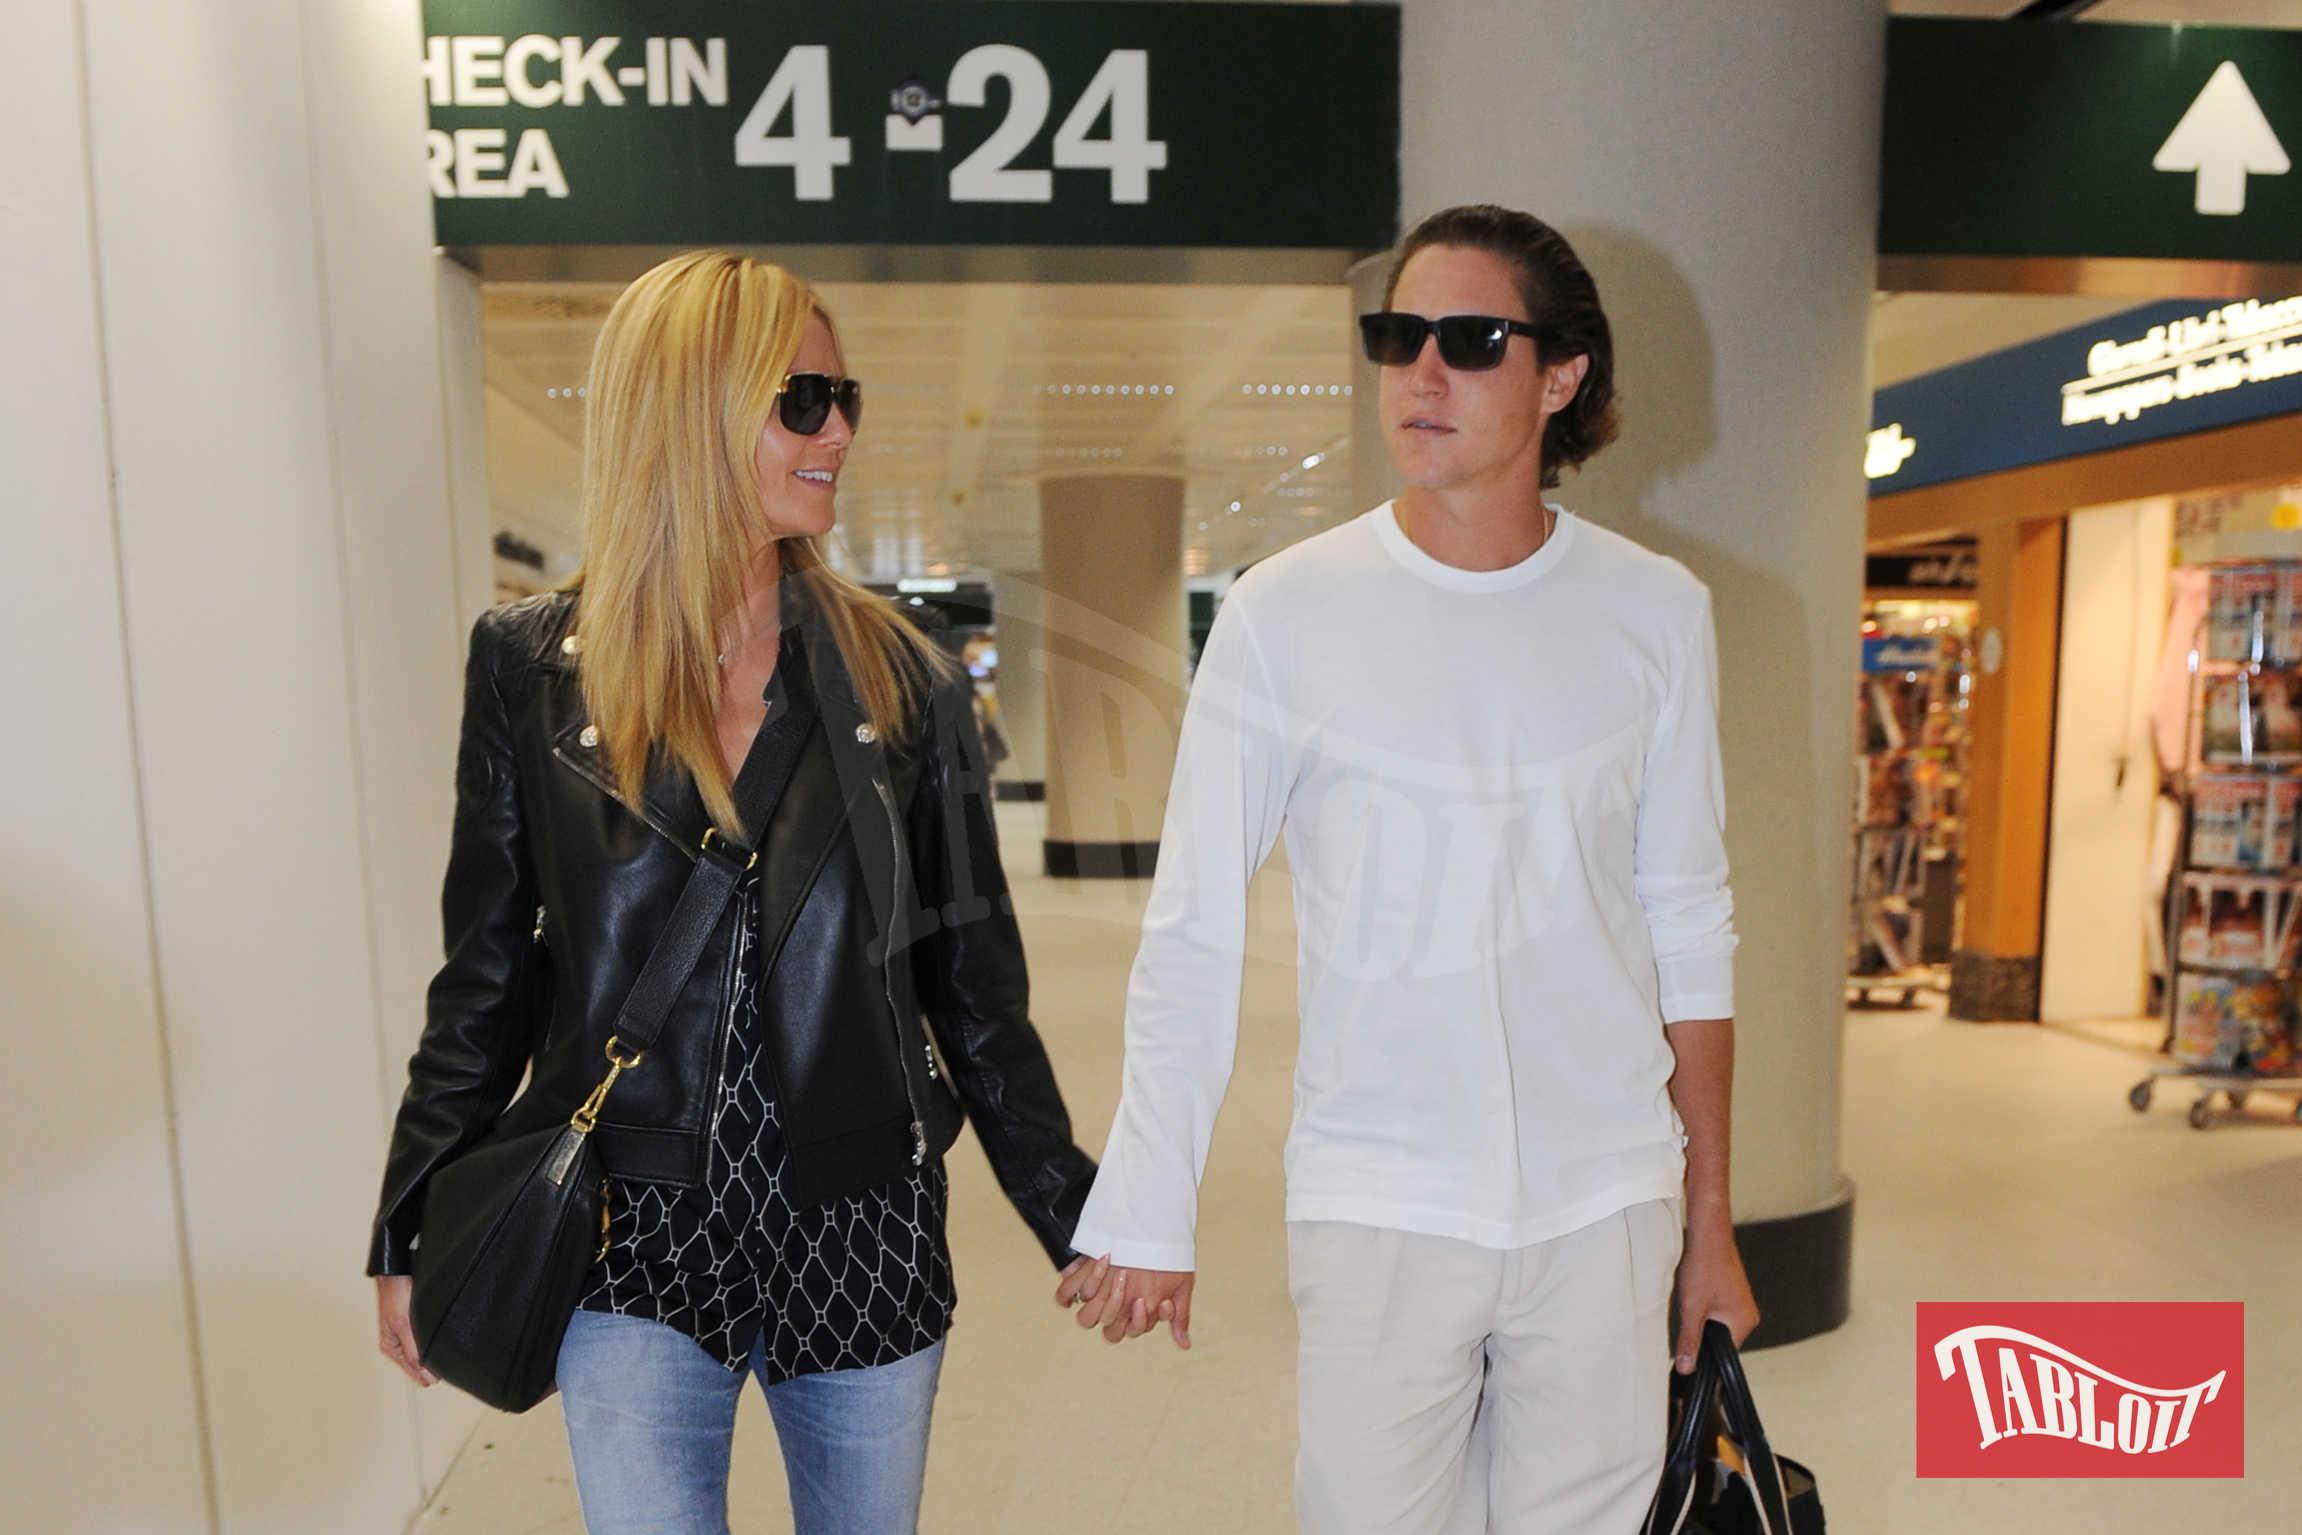 """Heidi Klum e Vito Schnabel all'aeroporto di Malpensa a Milano nel 2015. Negli ultimi giorni i due si sarebbero riavvicinati: lui ha ricominciato a seguirla su Instagram e a mettere """"mi piace"""" alle sue foto"""